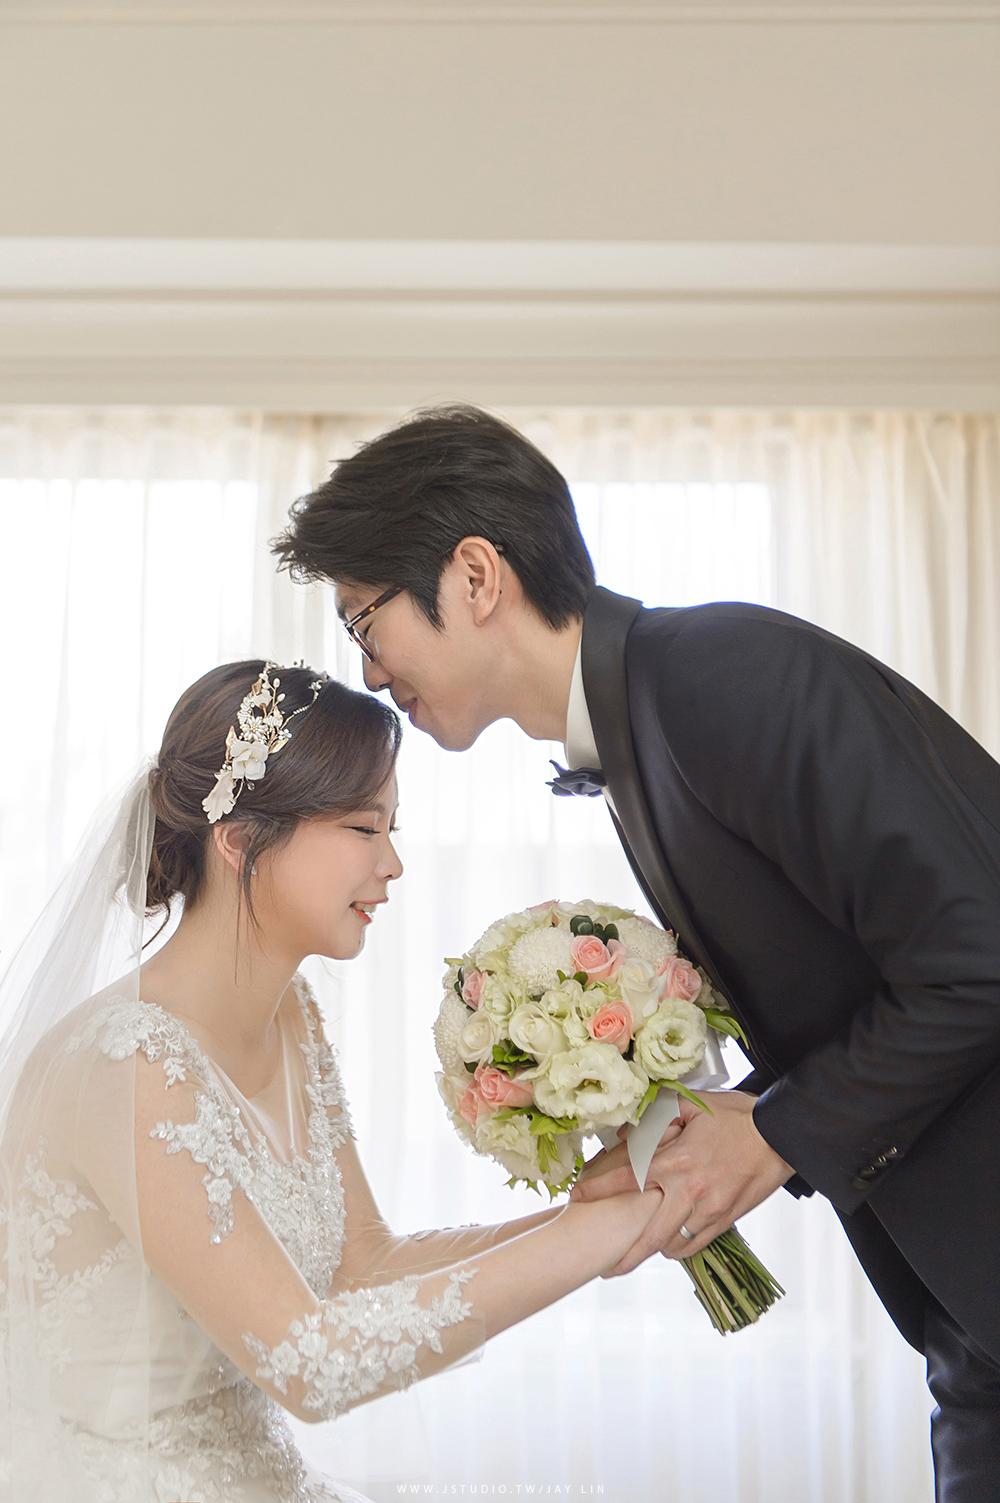 婚攝 推薦婚攝 台北西華飯店  台北婚攝 婚禮紀錄 JSTUDIO_0024